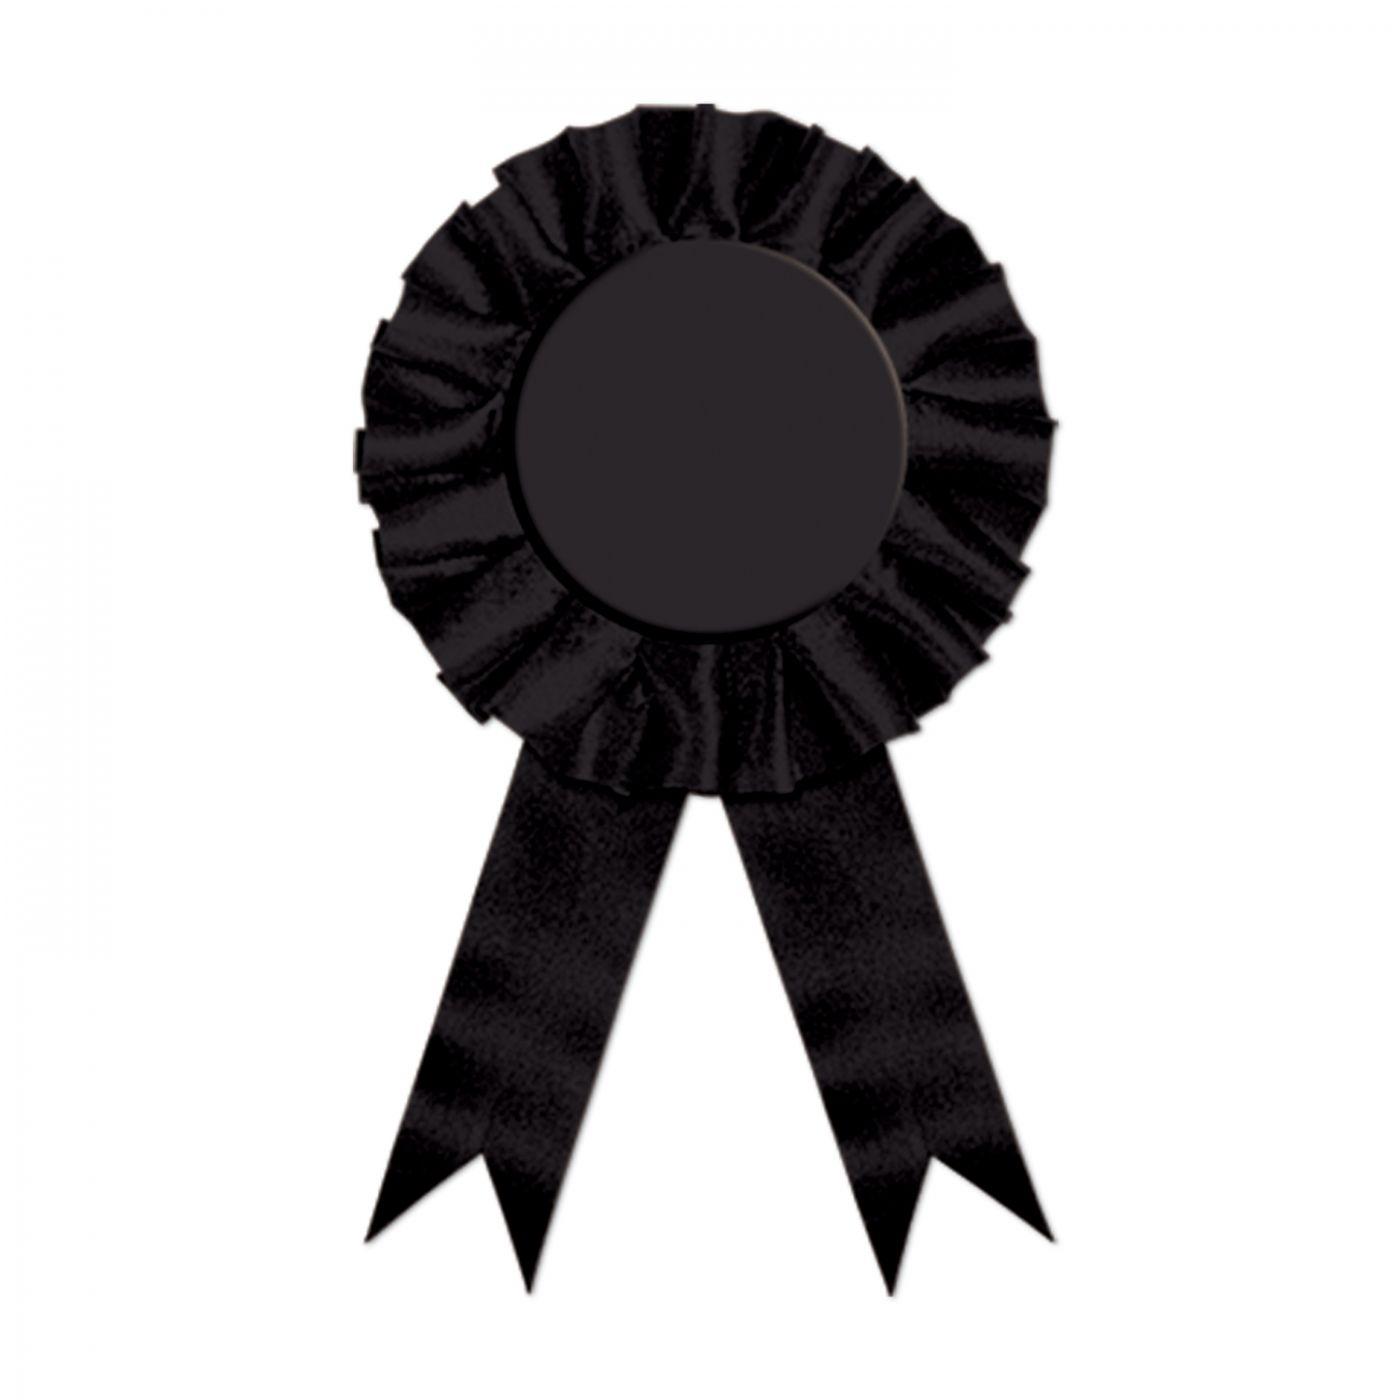 Image of Award Ribbon (6)